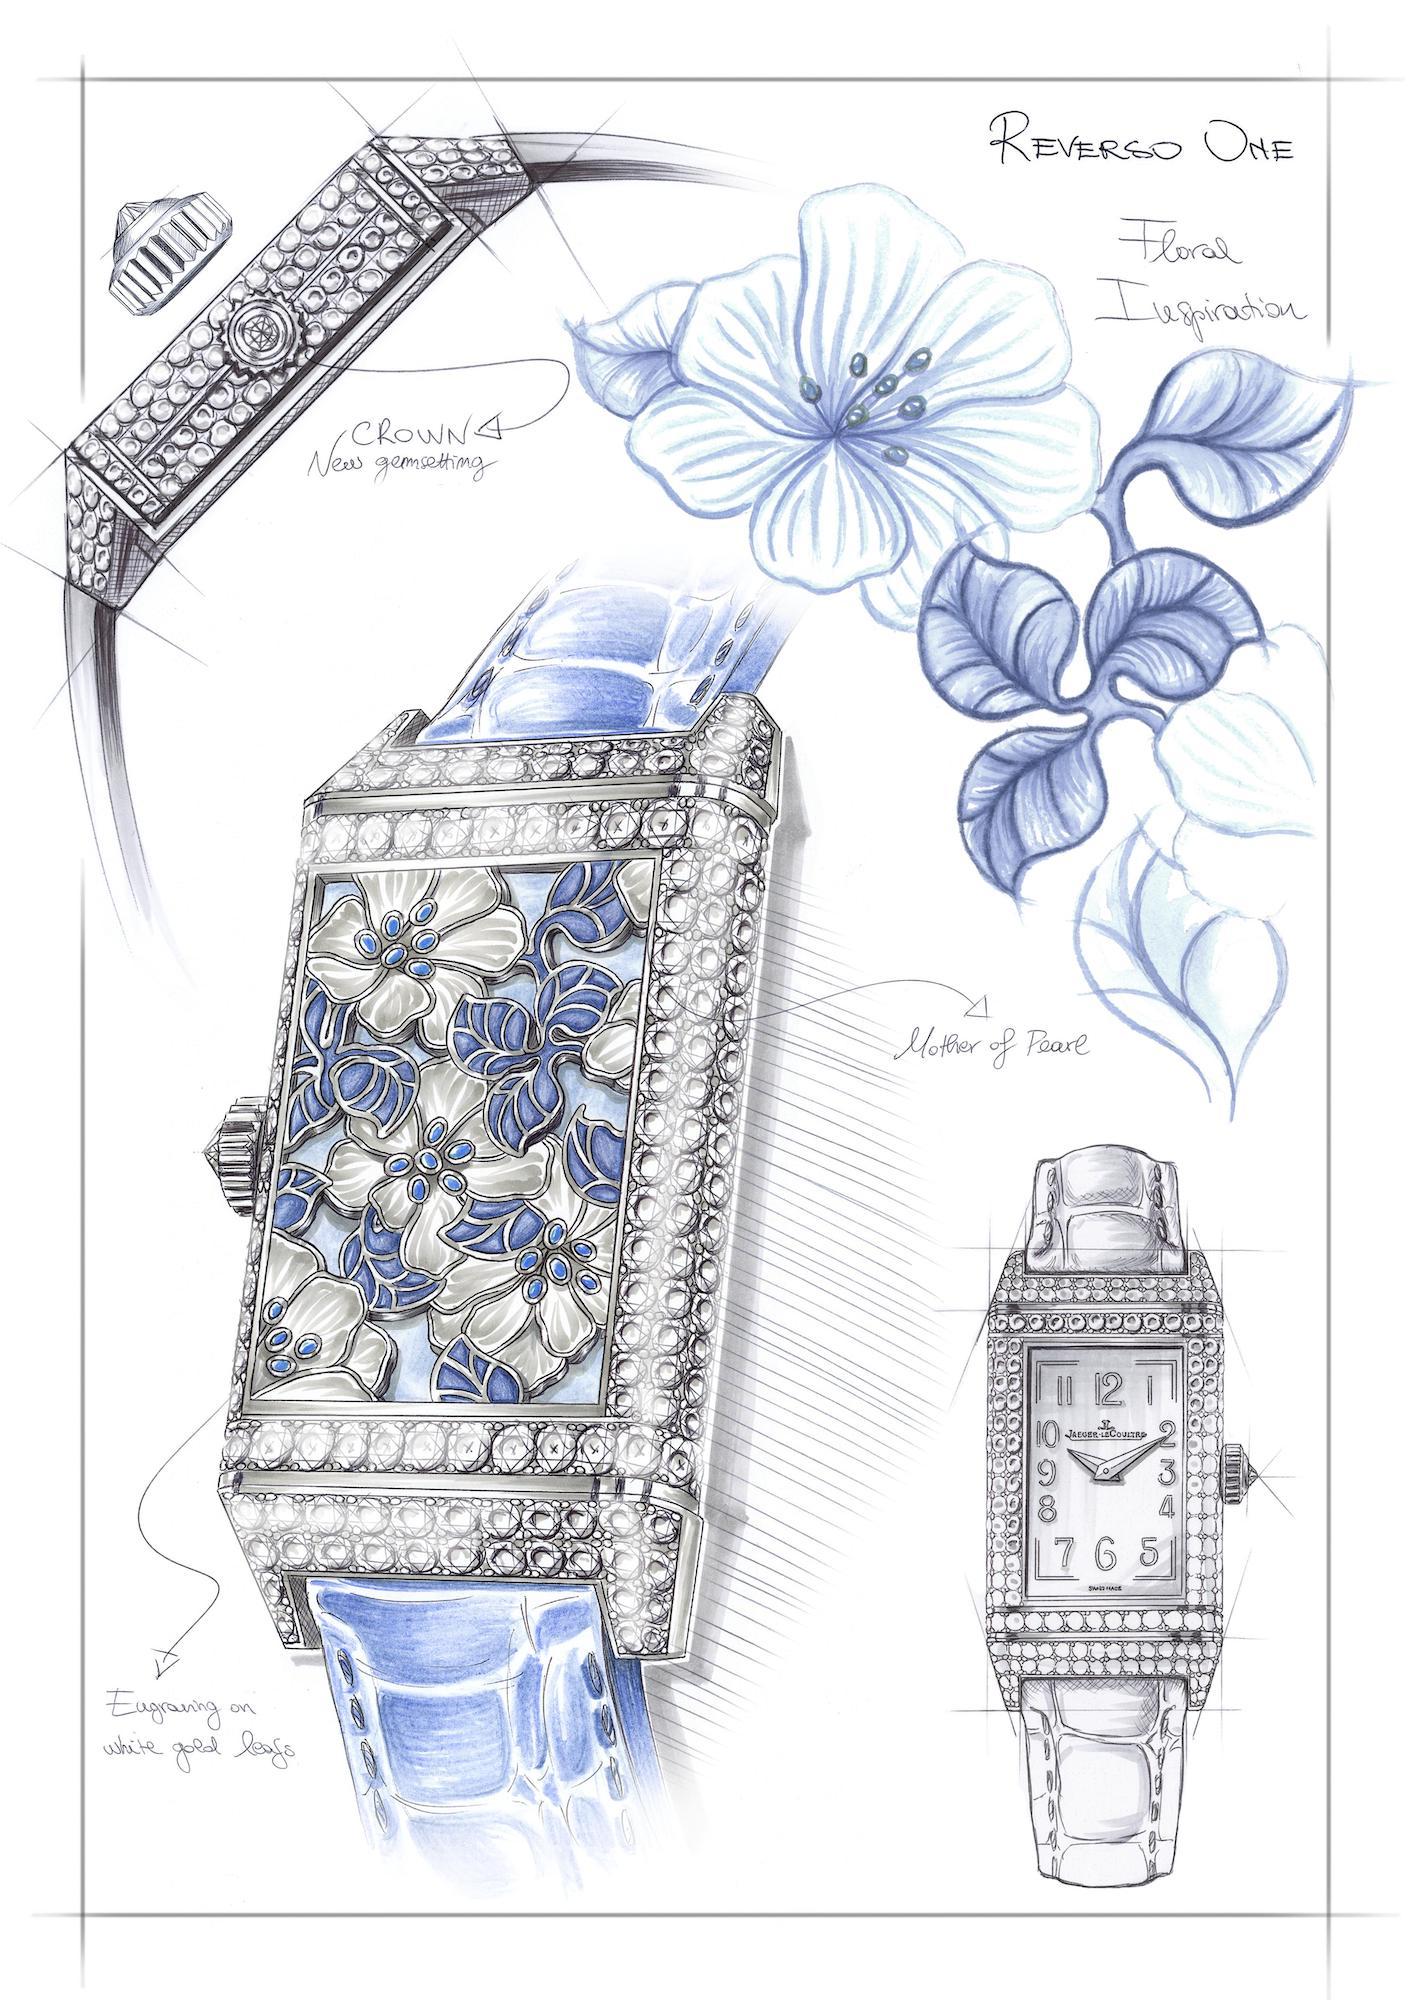 Jaeger-LeCoultre Reverso One Precious Flowers q3293420 Sketch